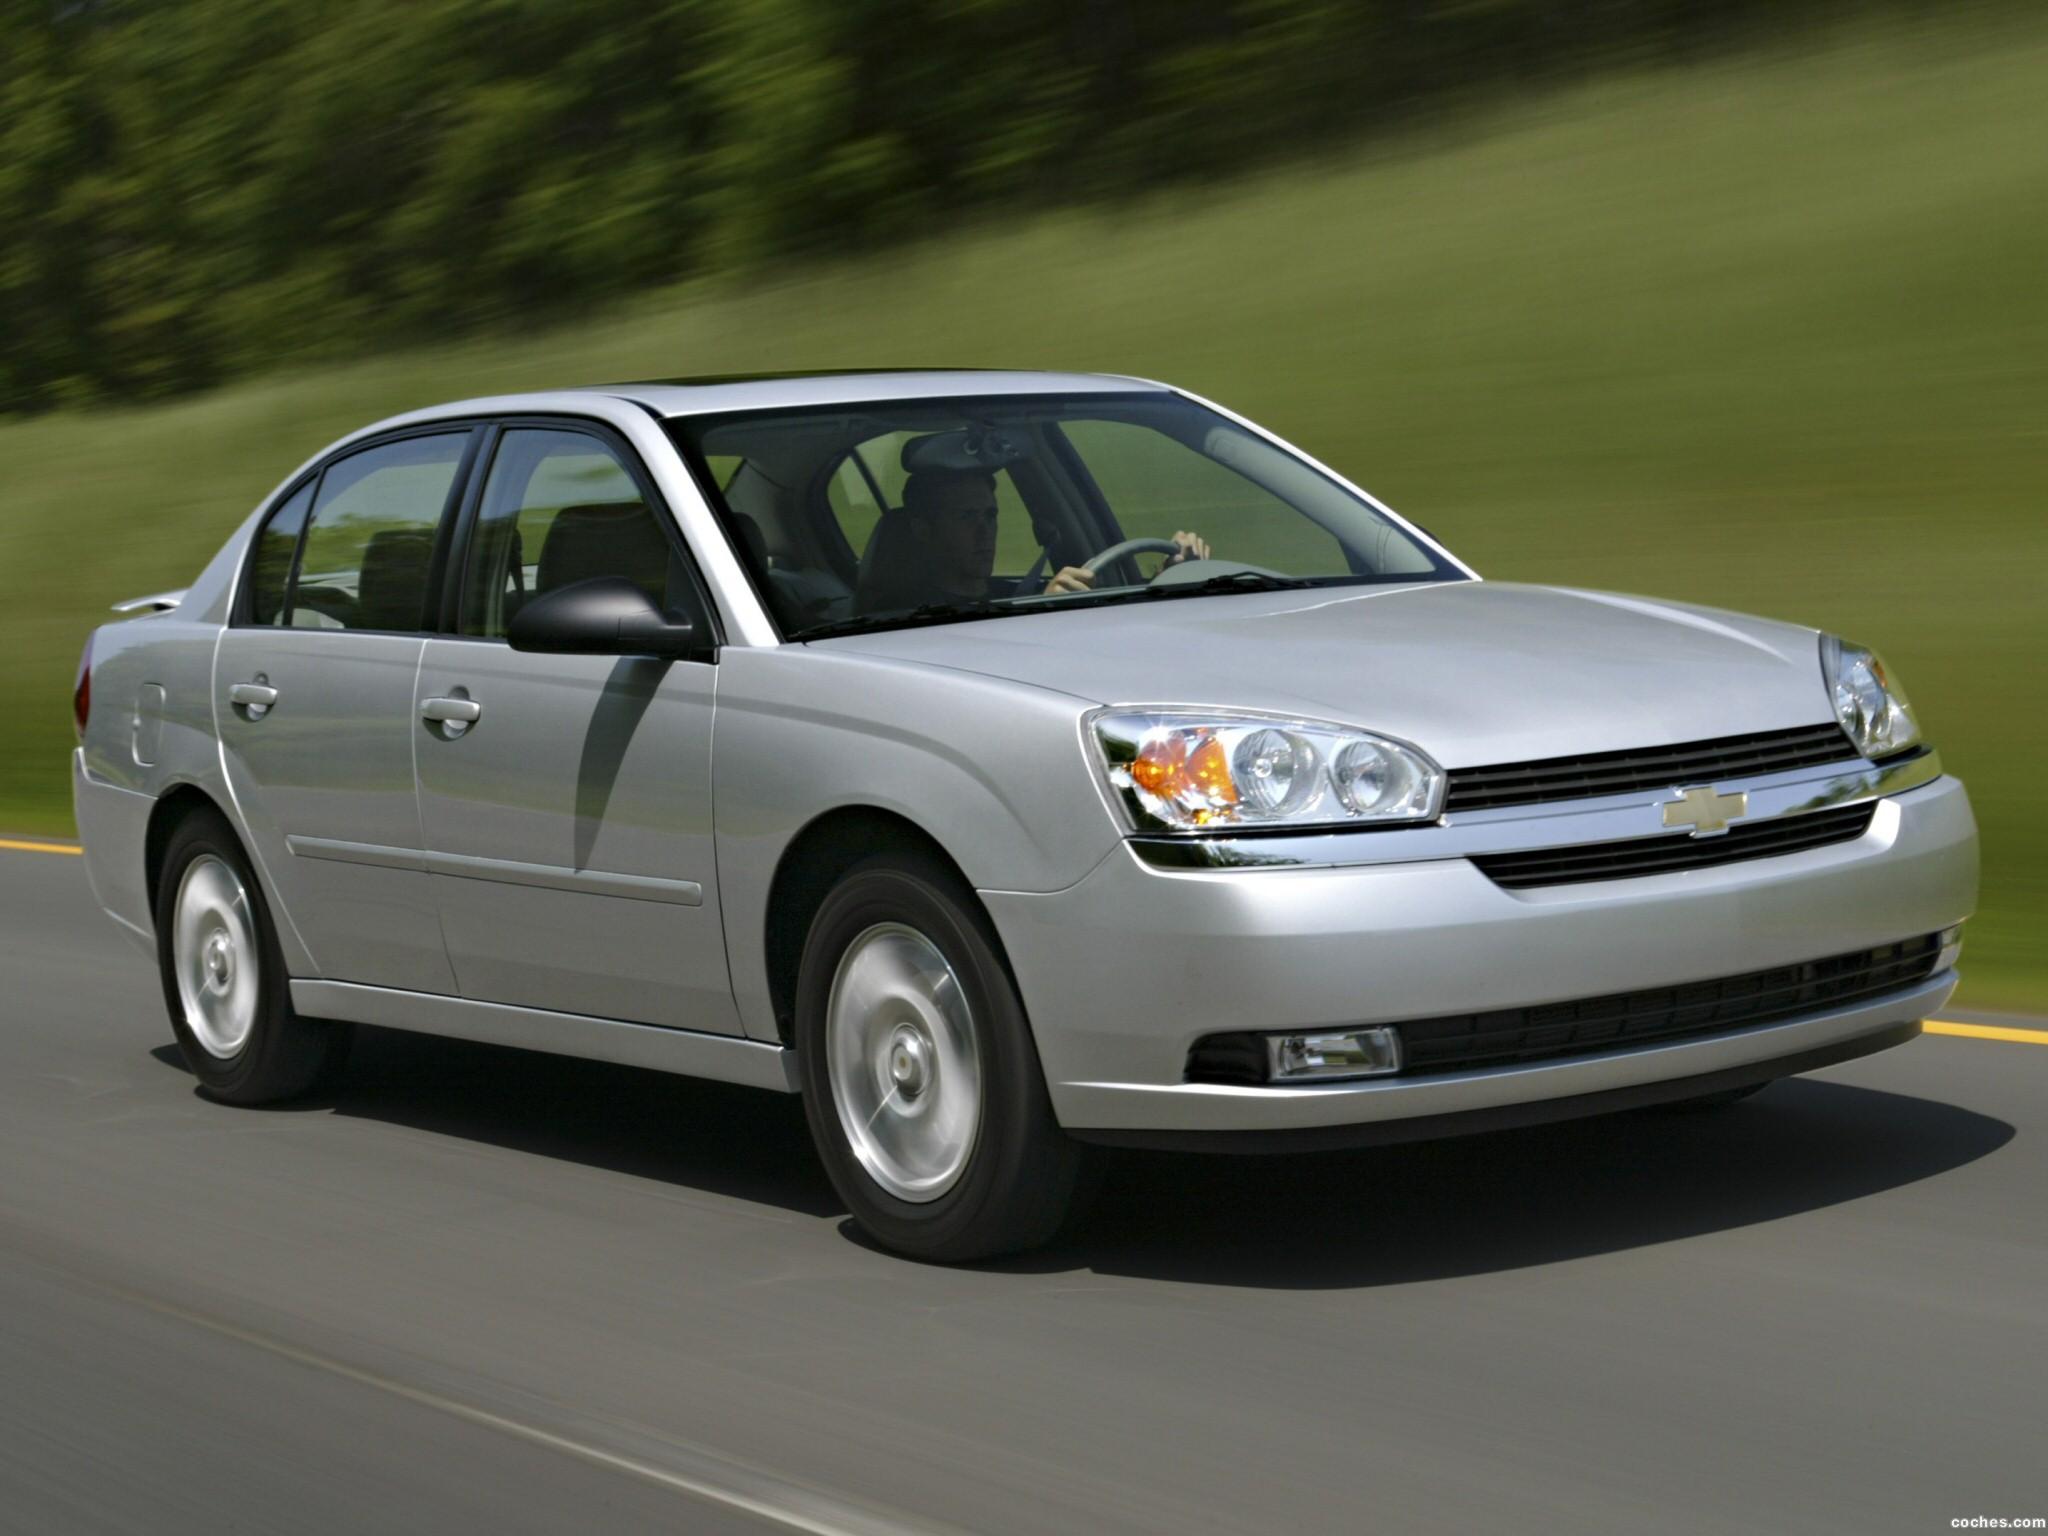 Foto 0 de Chevrolet Malibu LT 2004